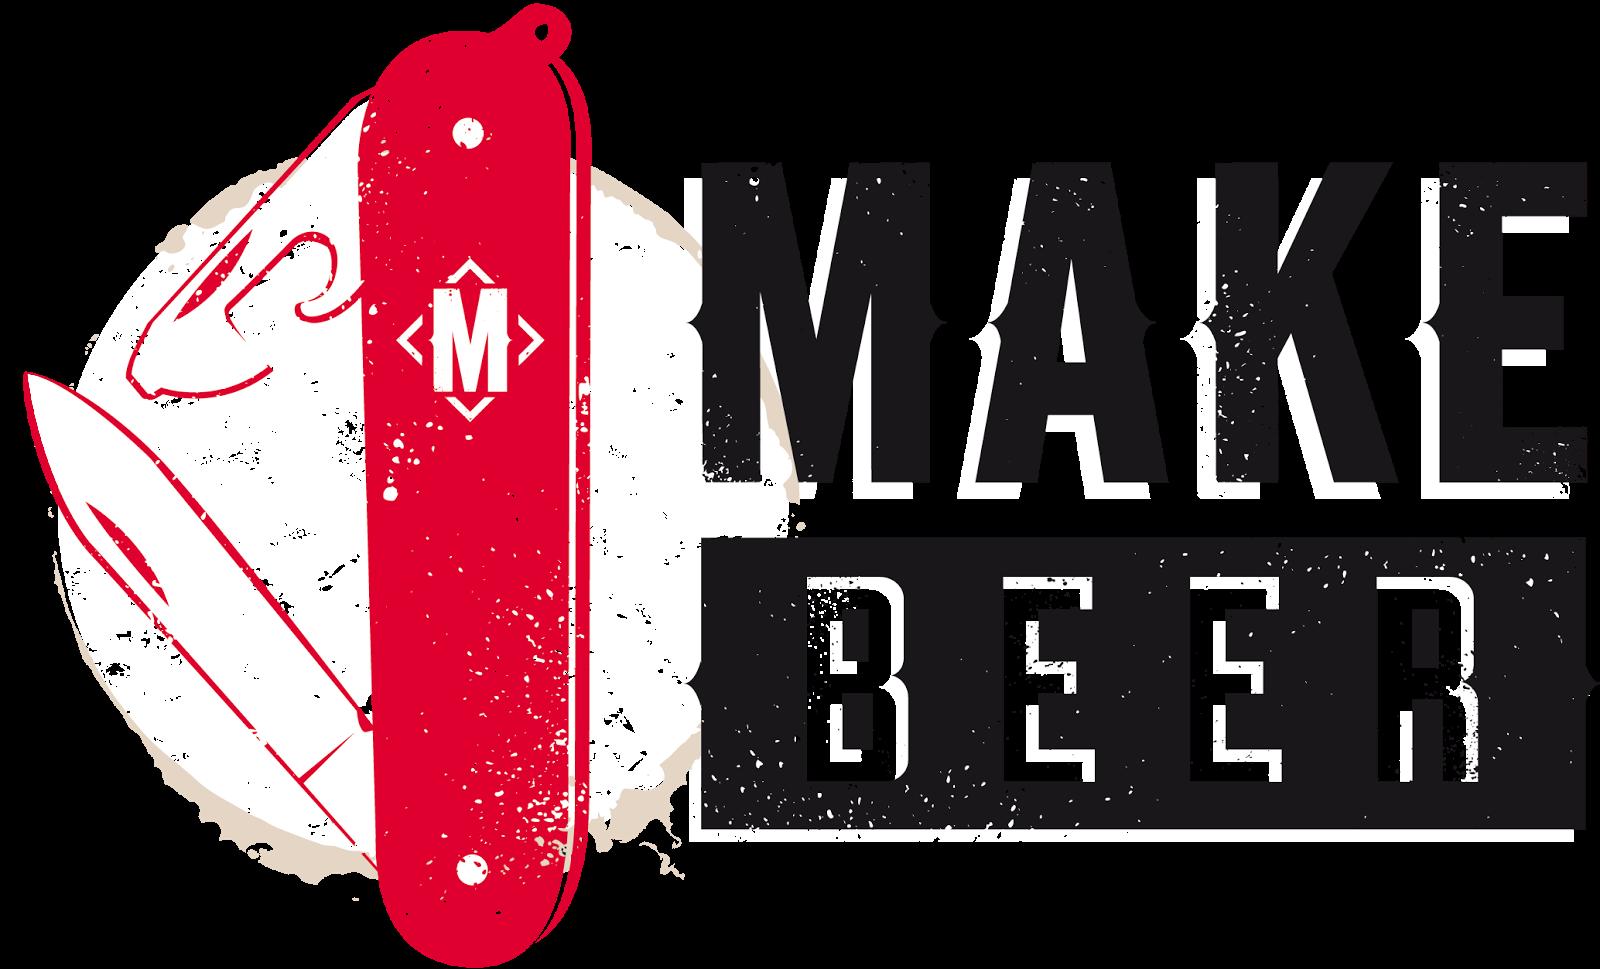 Make Beer